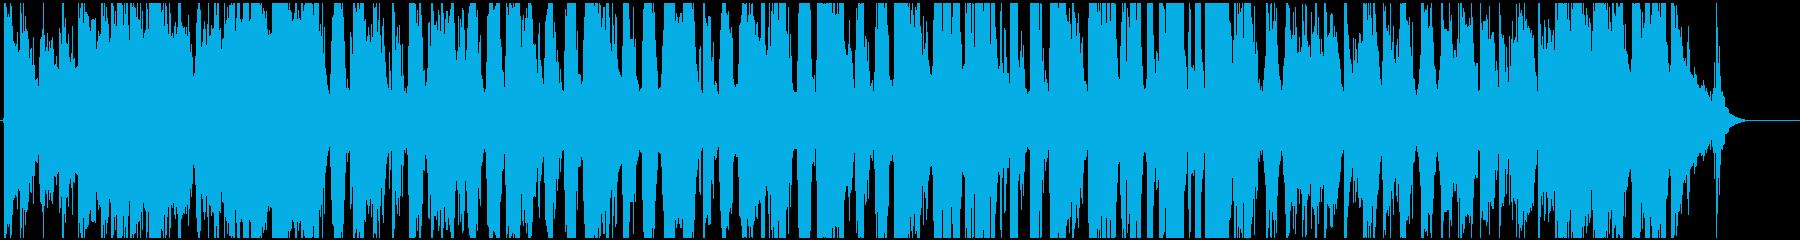 リラックスできるピアノジャスの再生済みの波形